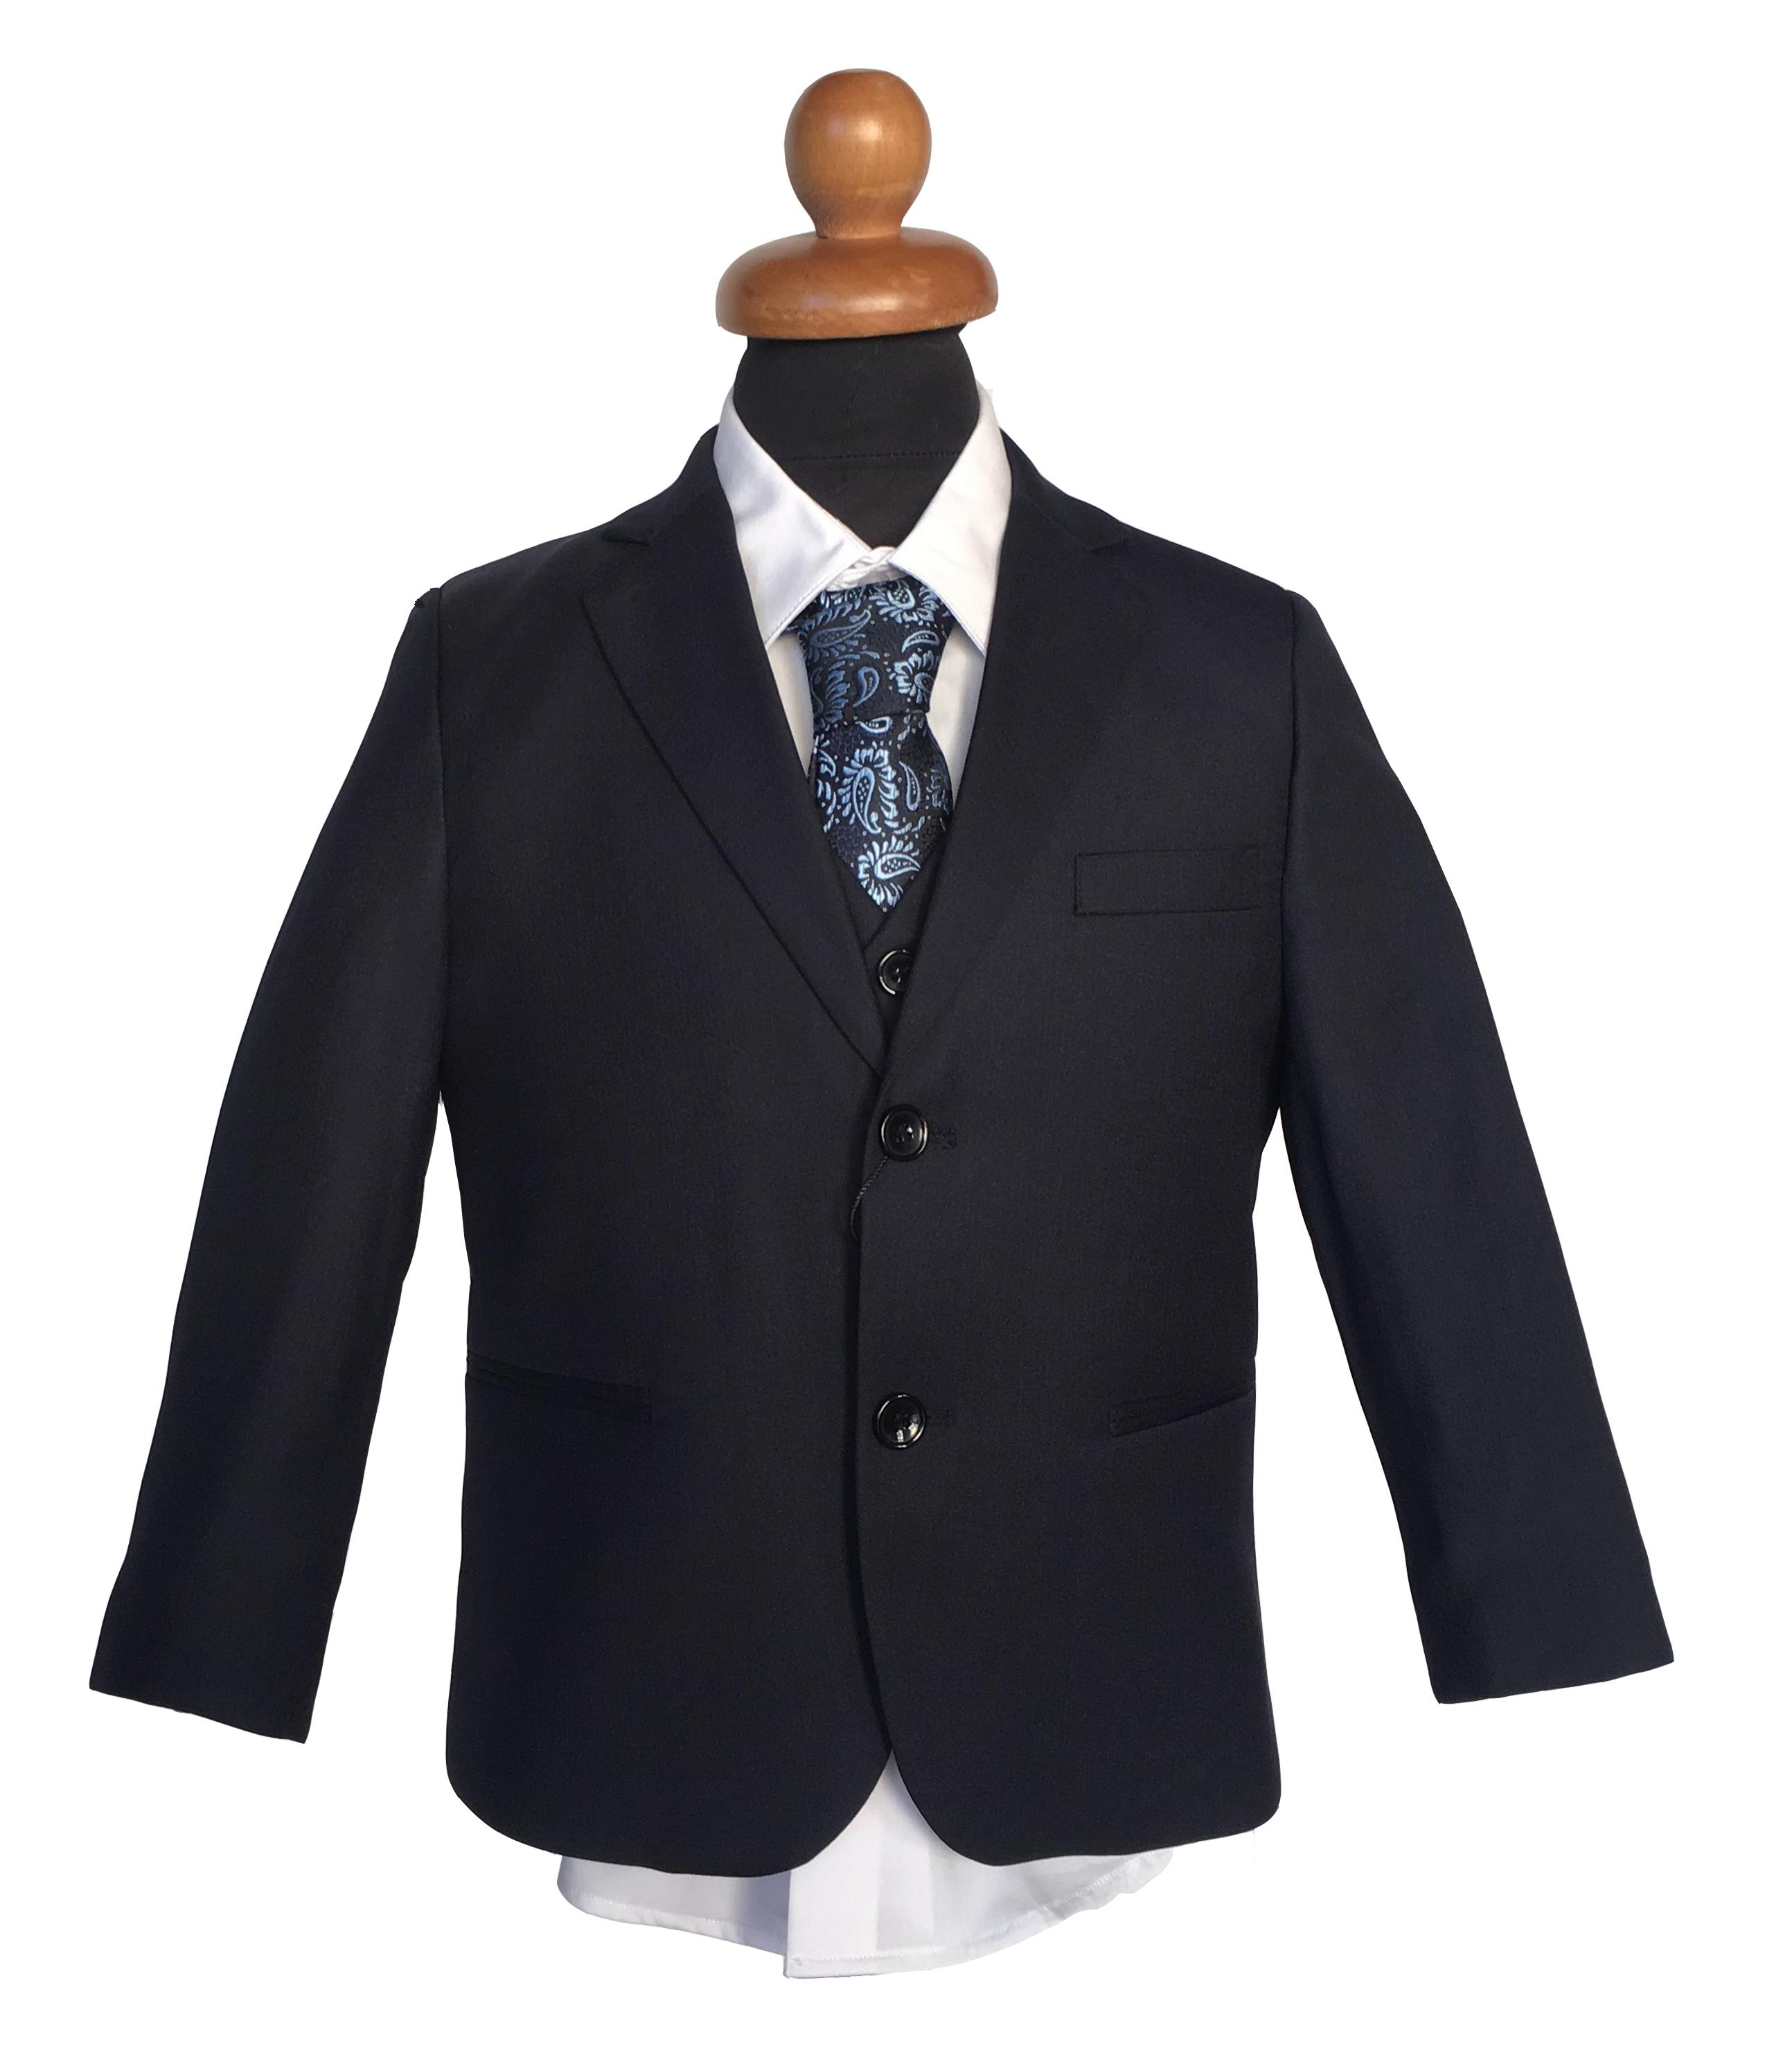 Κοστούμι σε Σκούρο Μπλε - Μαύρο 45d23efced8